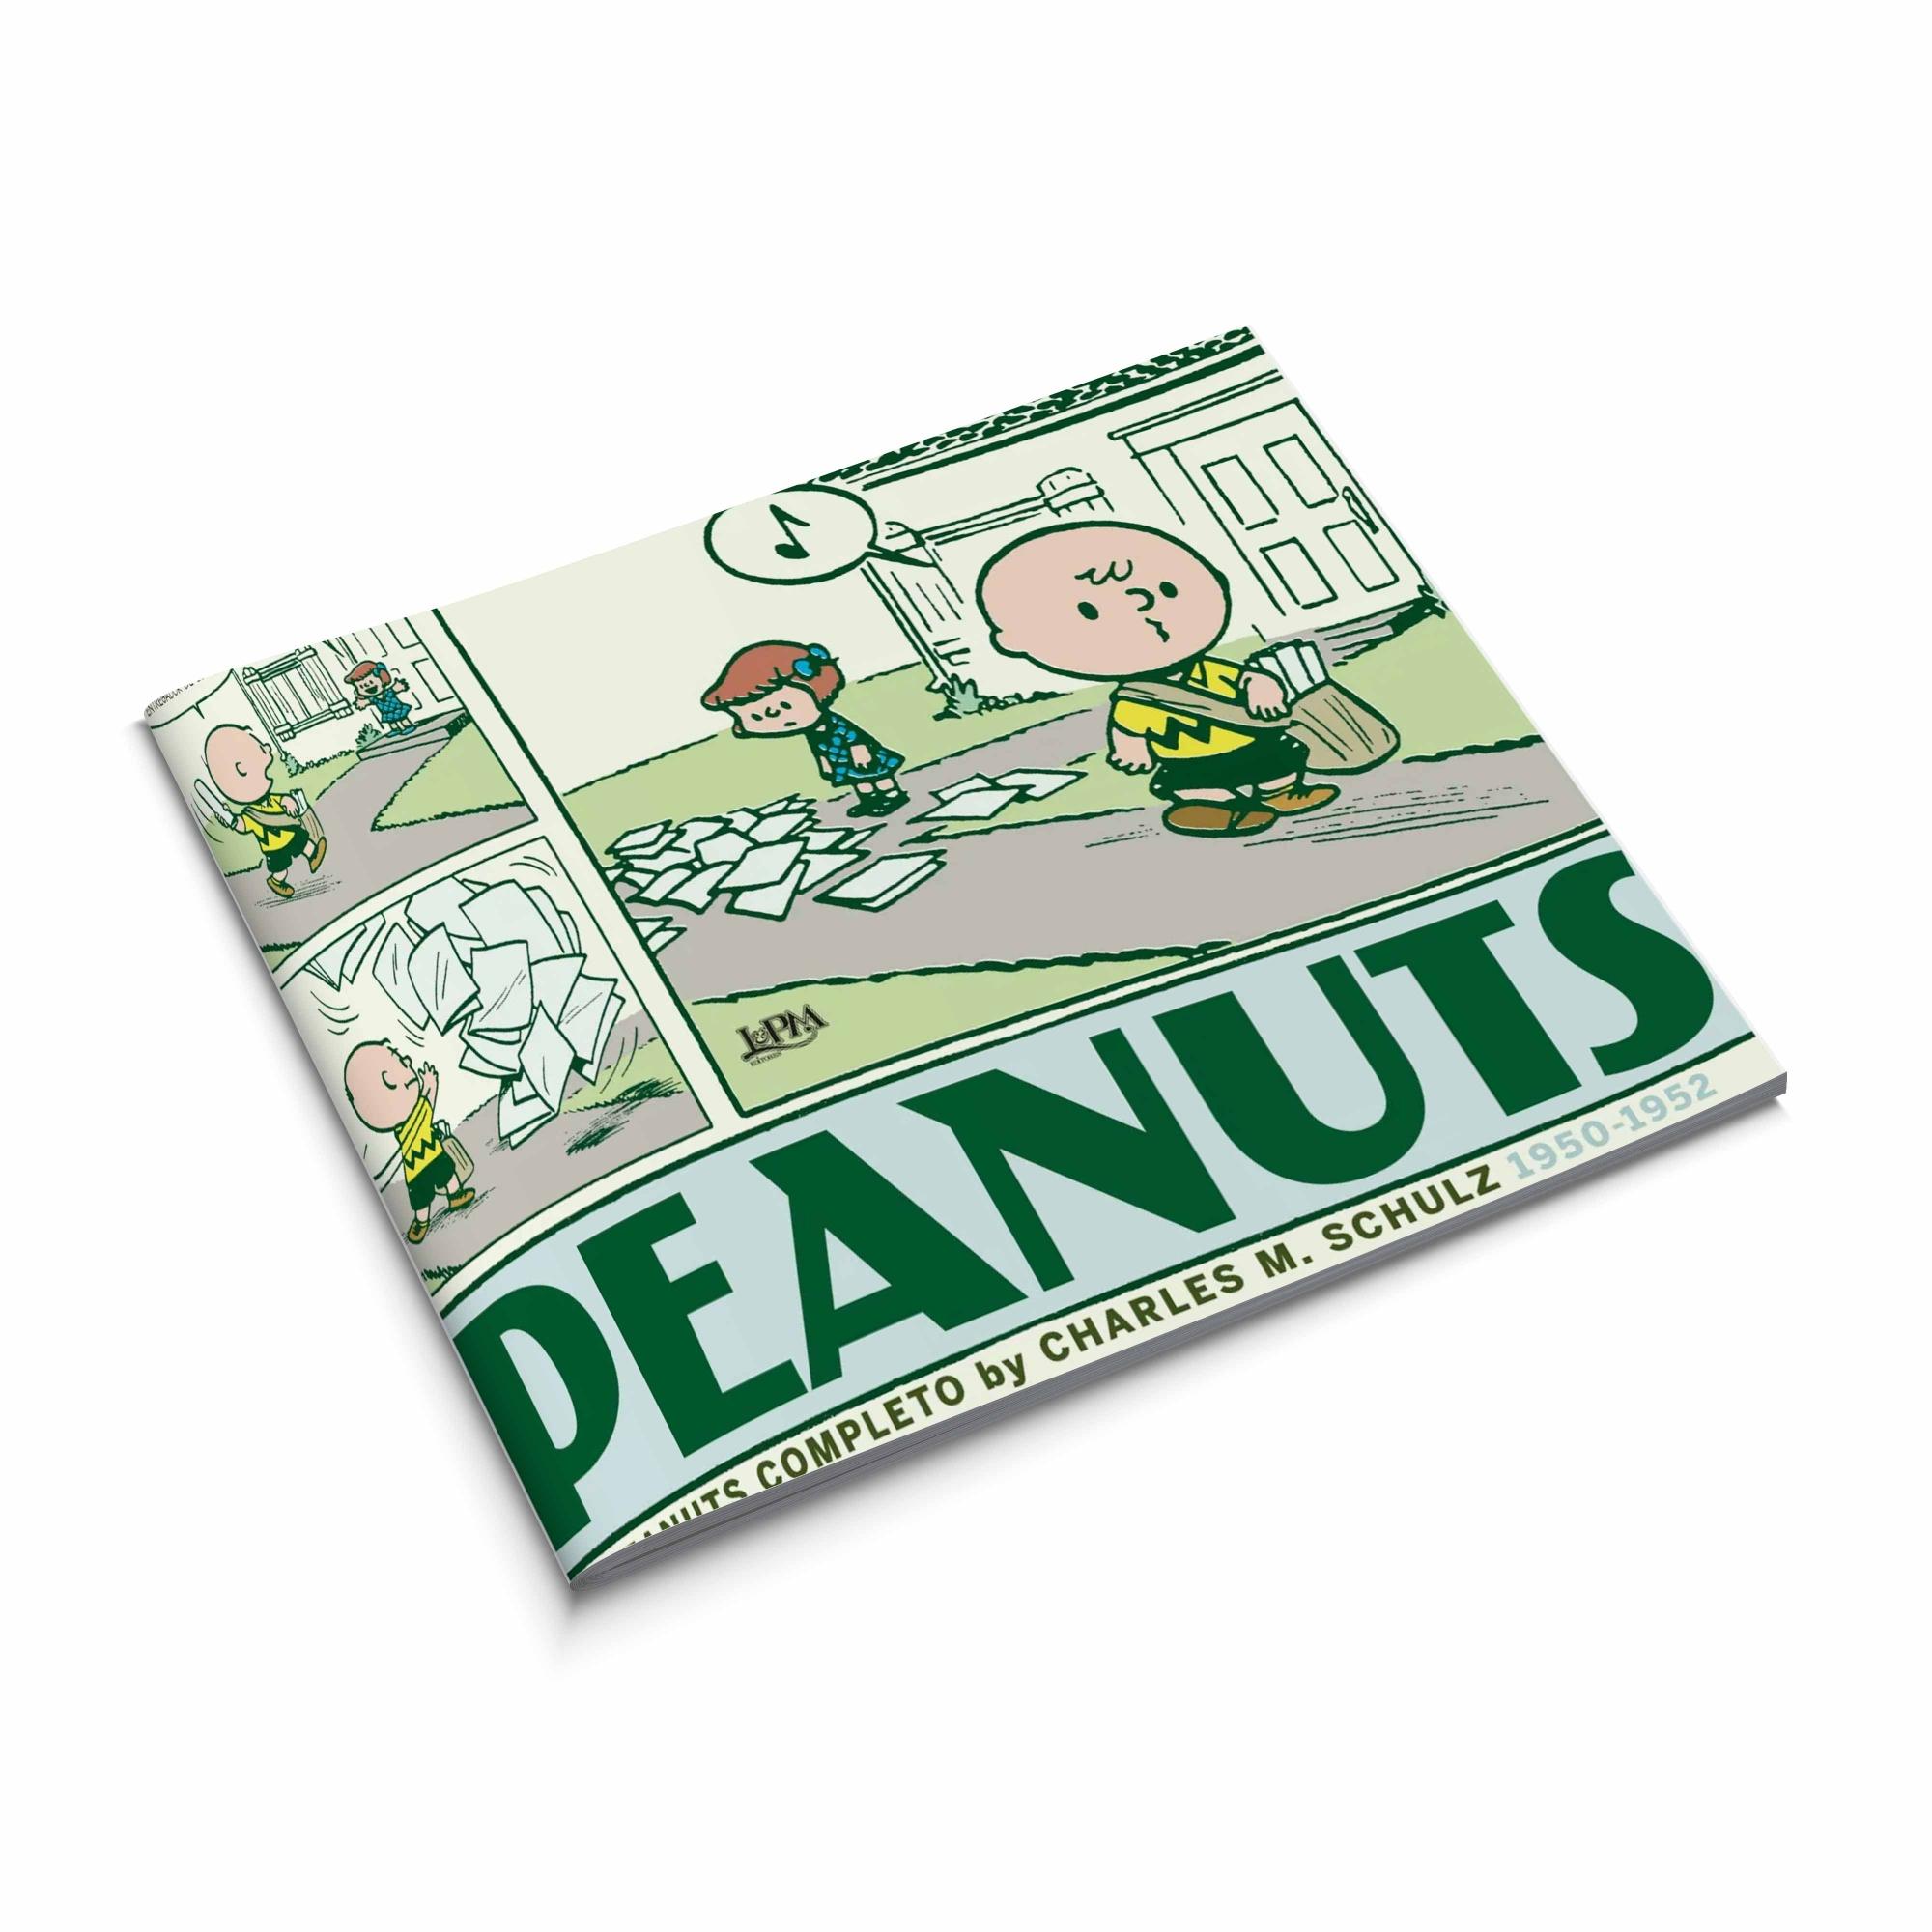 Peanuts Completo - 1950 a 1952 Vol. 1